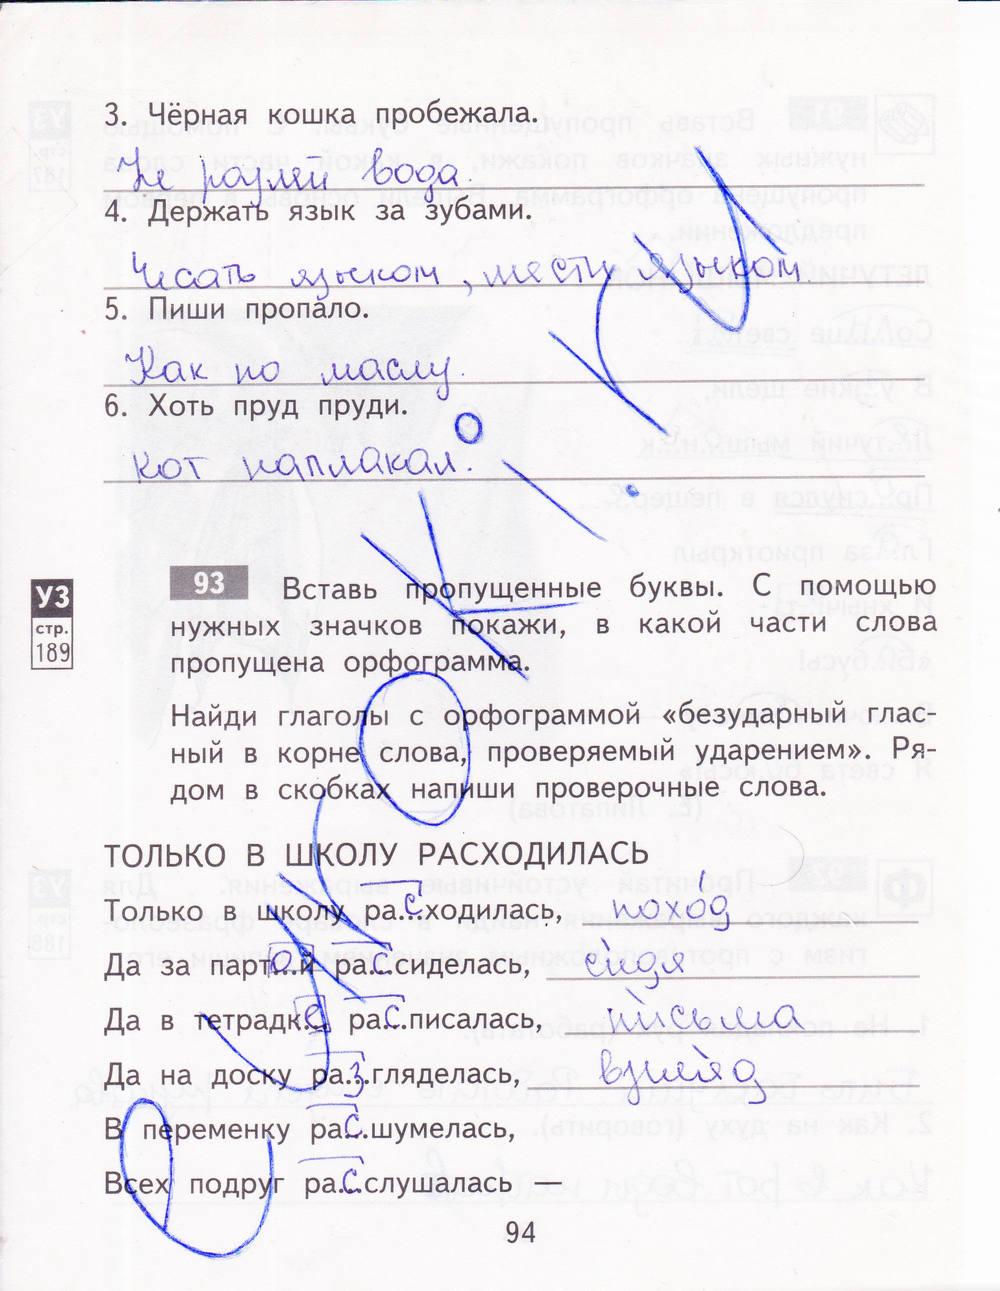 гдз 4 класс русский язык рабочая тетрадь байкова 2 часть ответы рабочая тетрадь